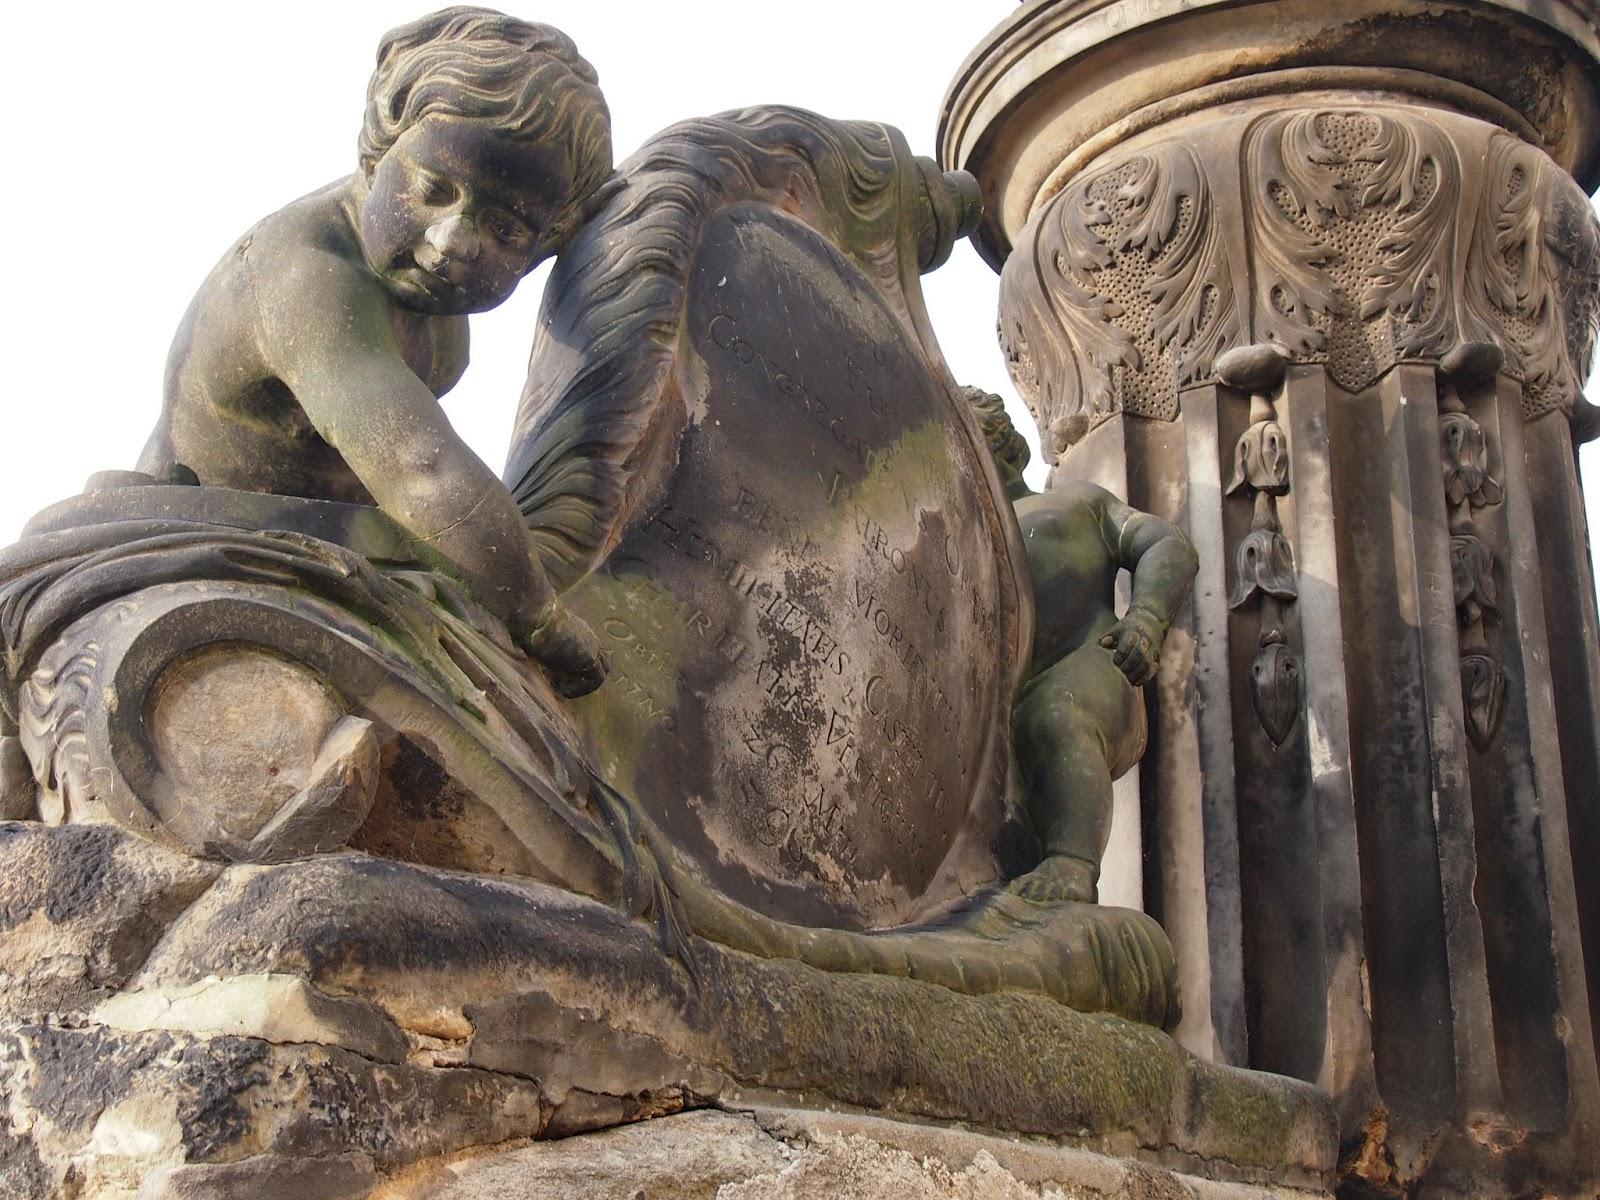 A Statue at the Prague Castle